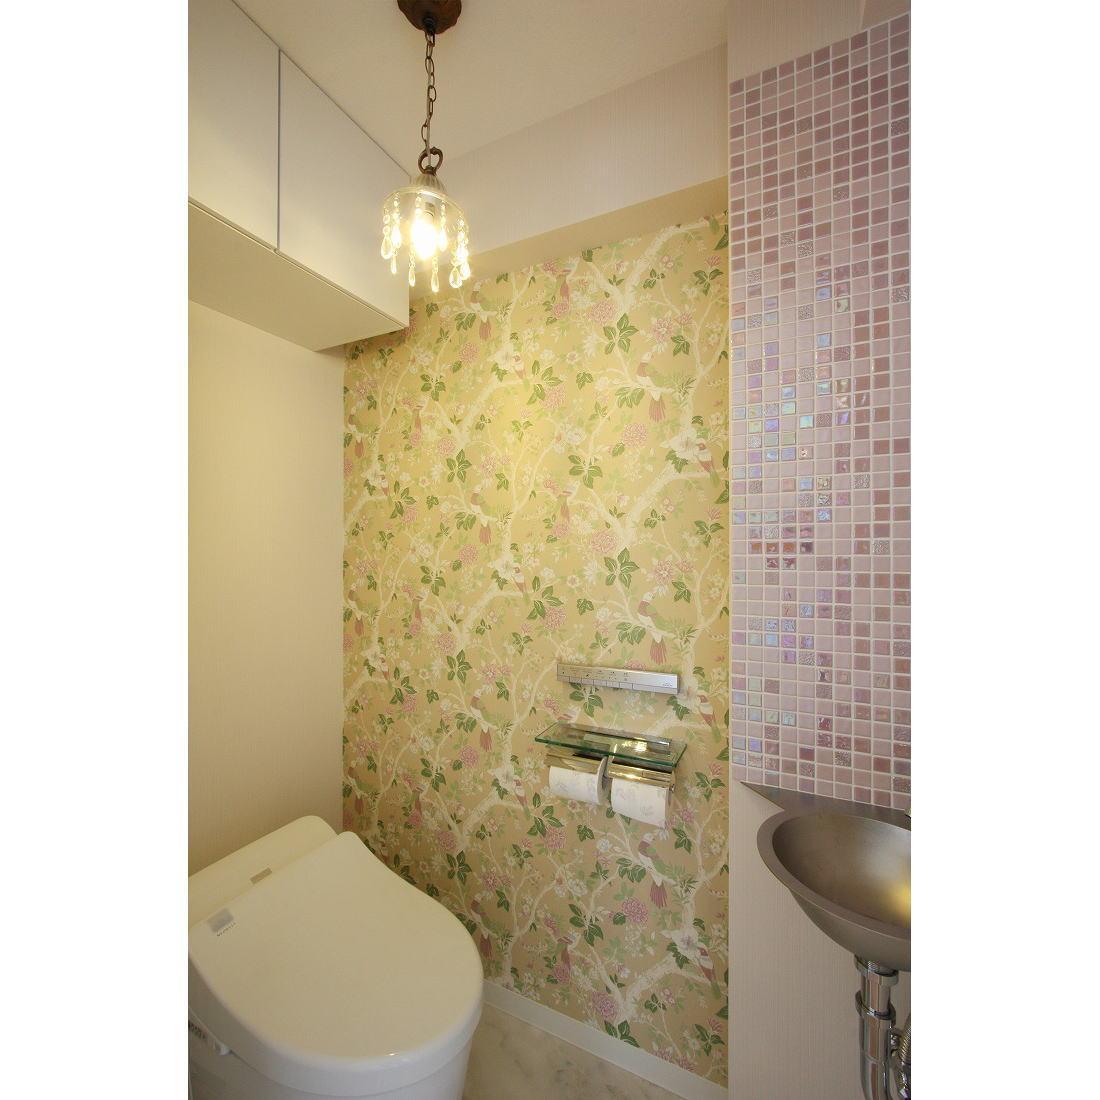 クラシックなバランスの取れた住空間の部屋 ラグジュアリーなトイレ空間